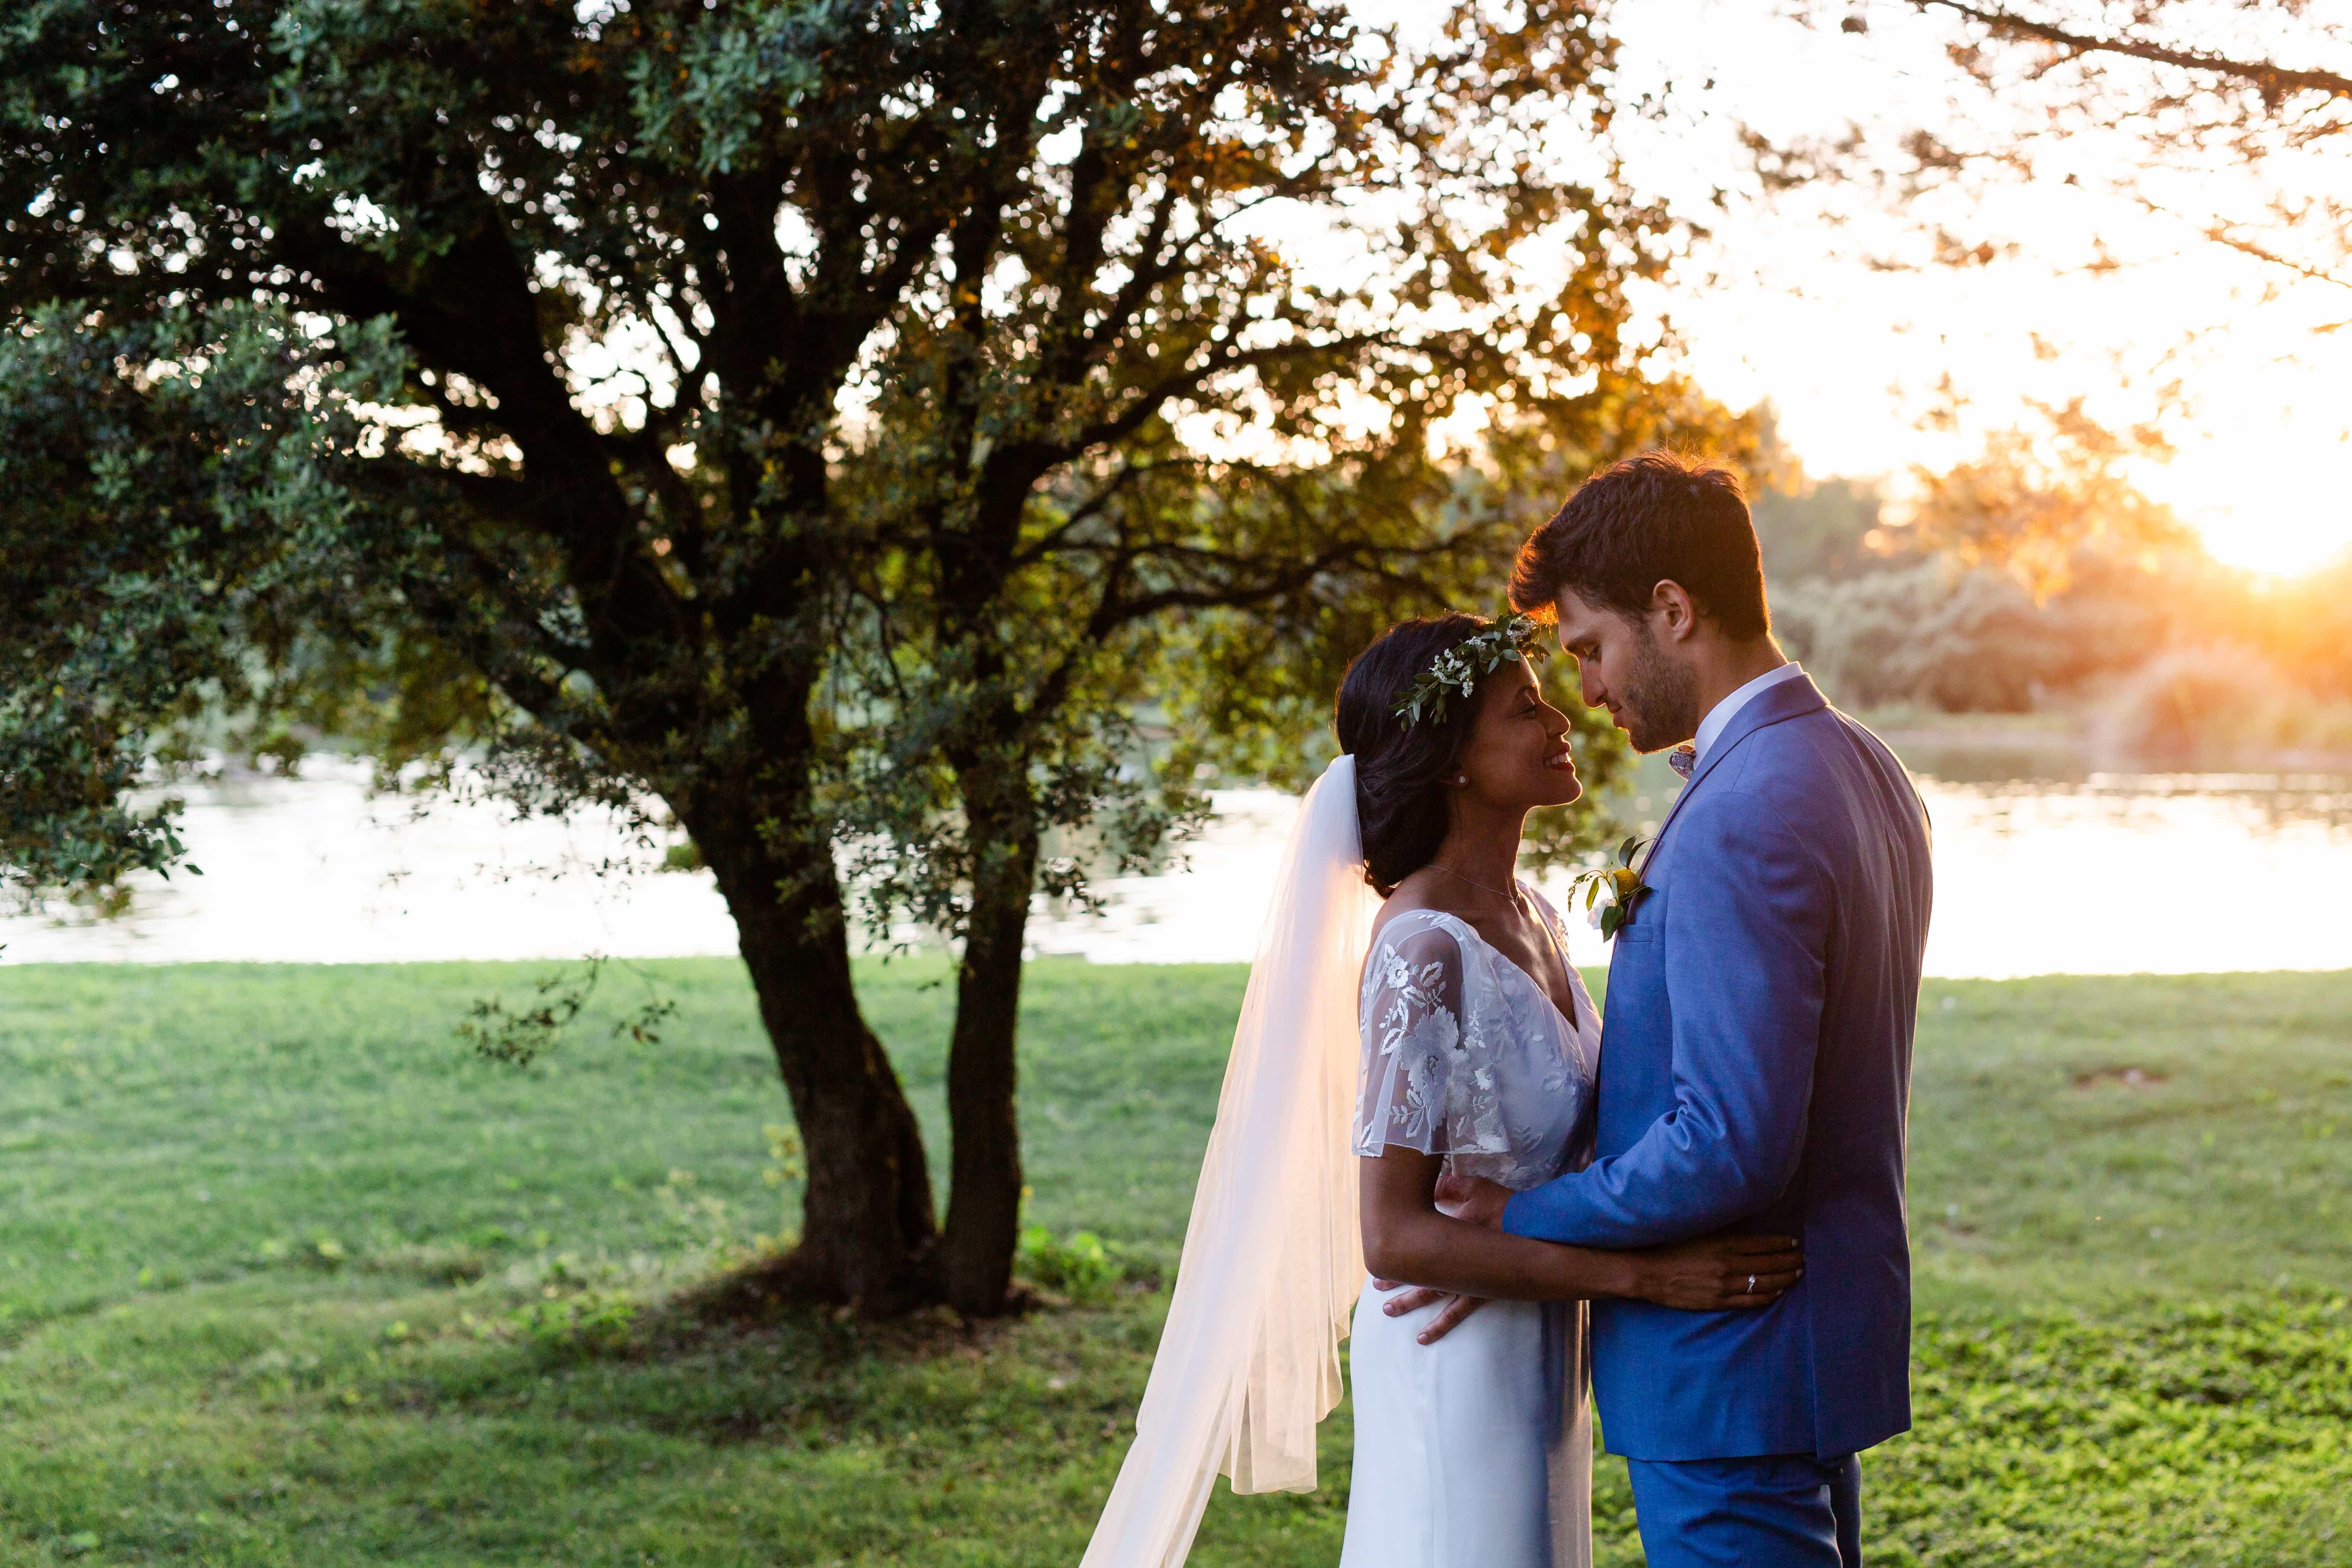 Confier son plus beau jour à une organisatrice de mariage